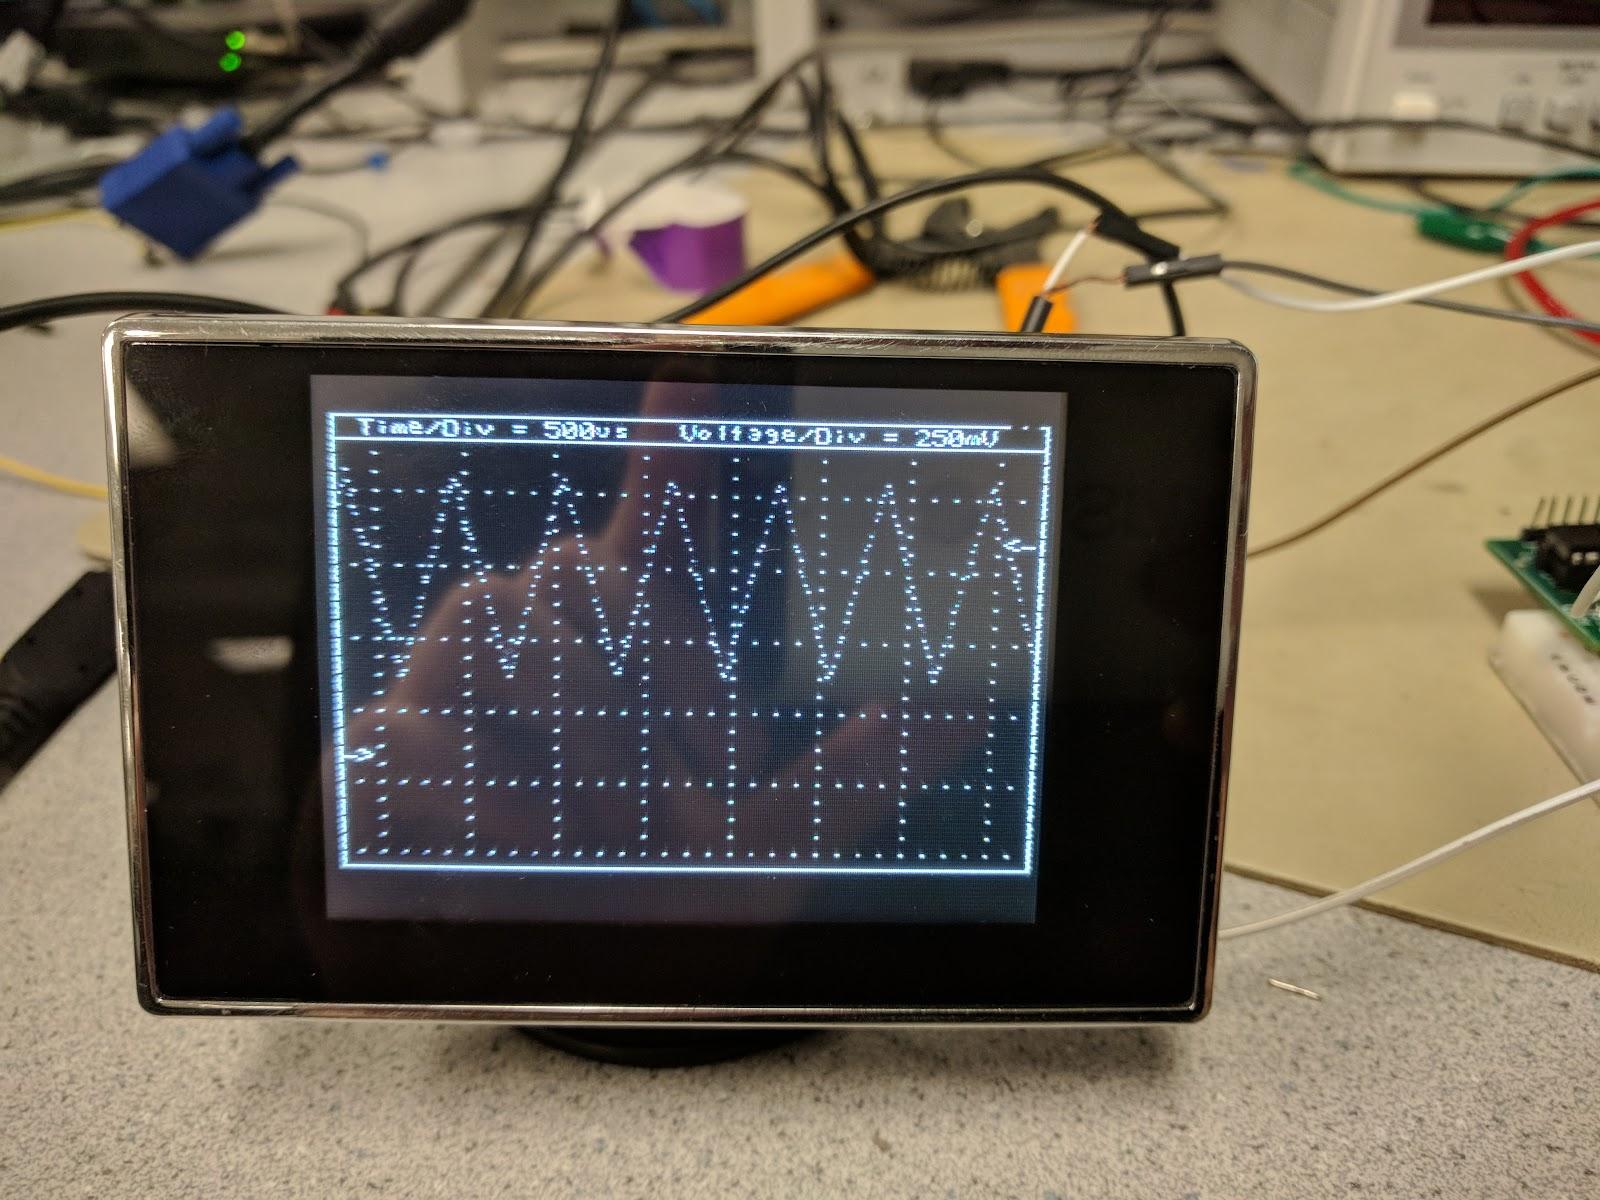 The Same ~1kHz Triangular Waveform in 500us-250mV window